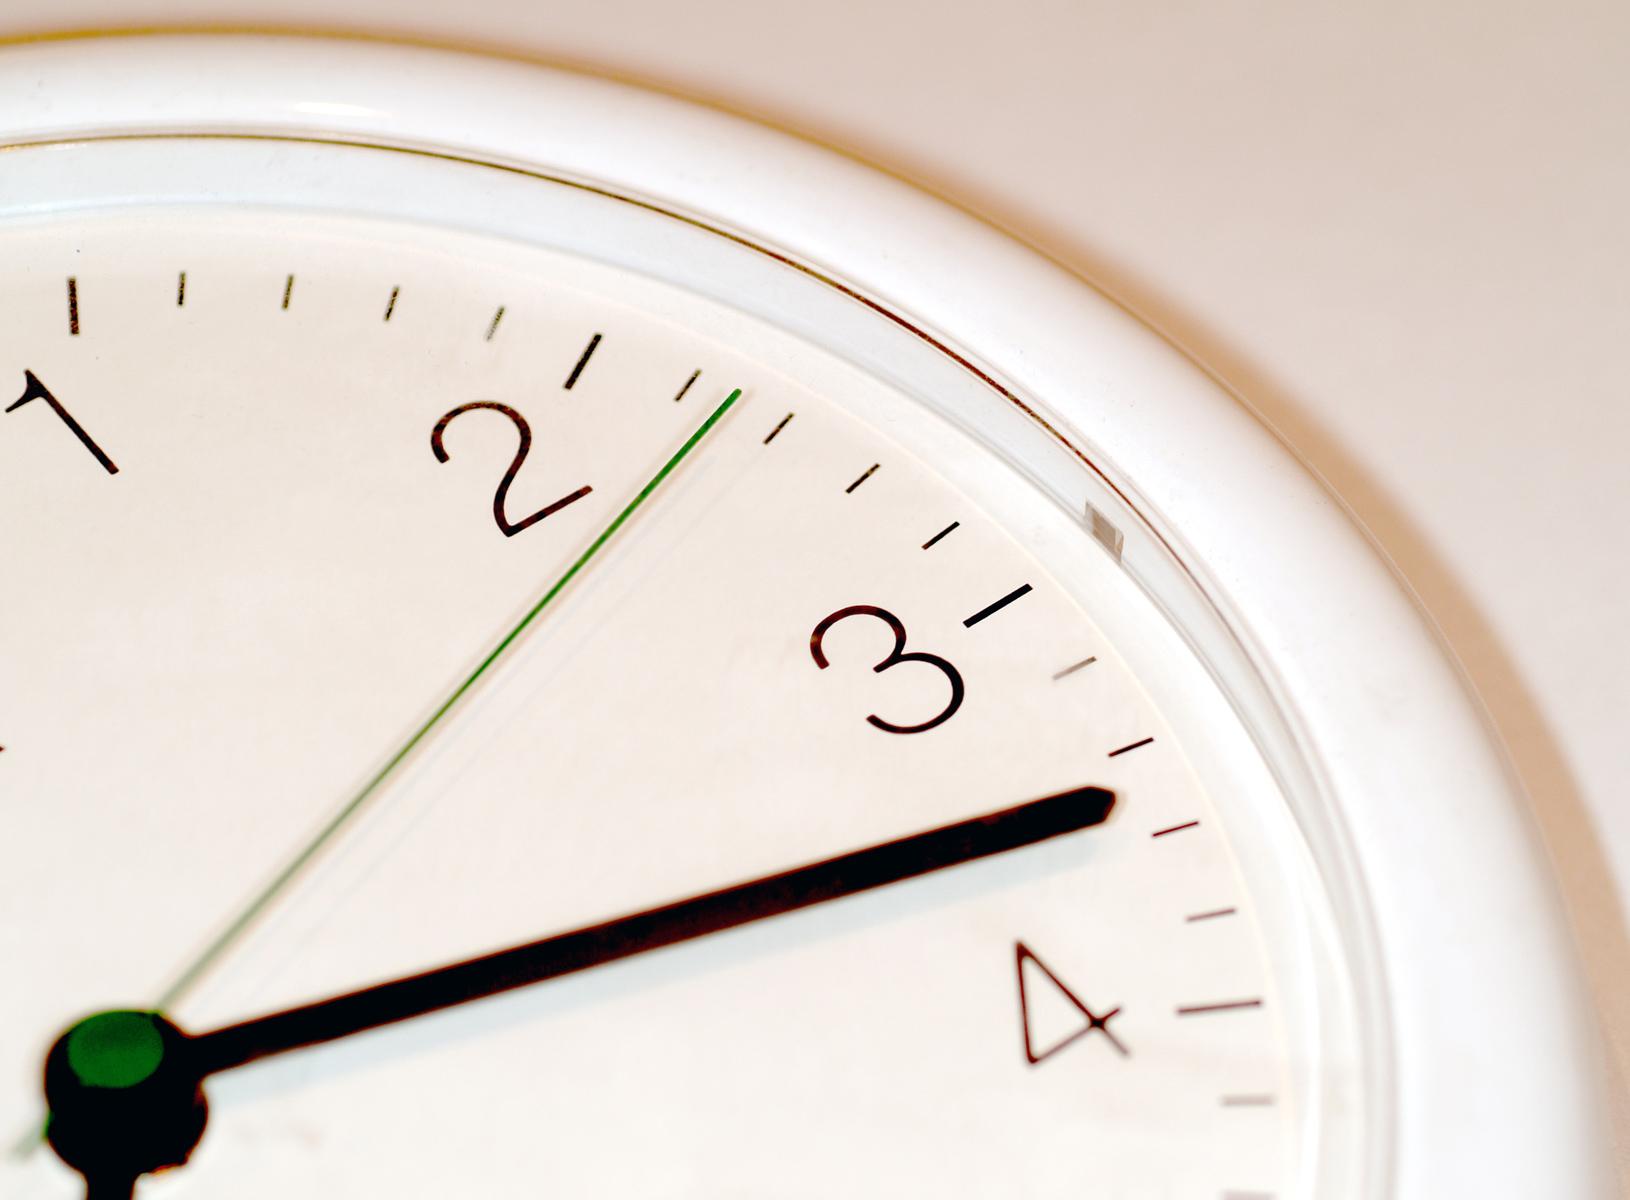 Formas de ahorrar energia en casa y escuela - Maneras de ahorrar energia ...